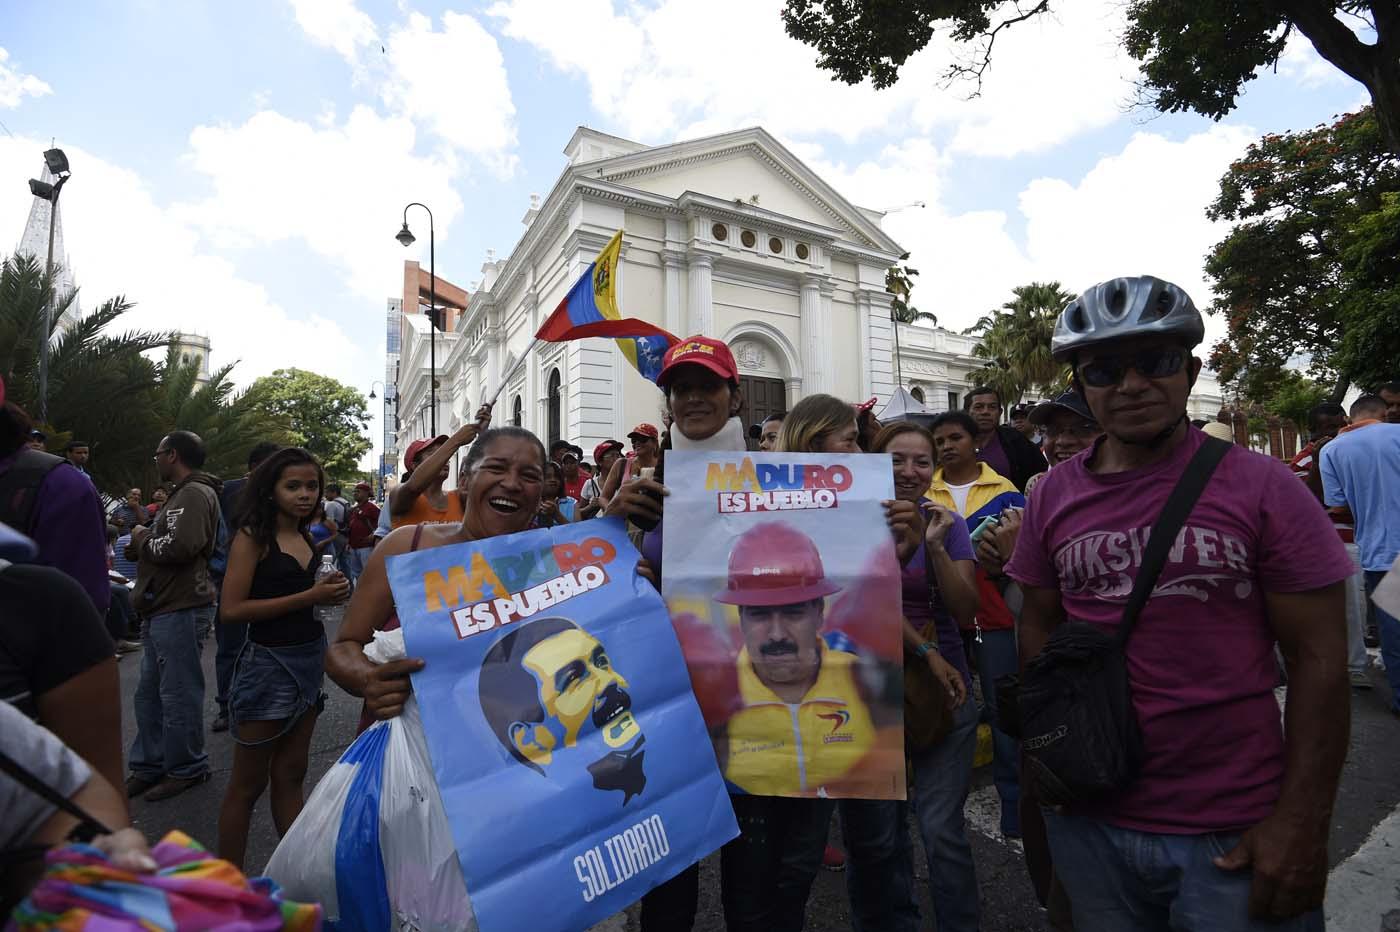 Gobierno de Nicolas Maduro. - Página 18 000_HF2QY